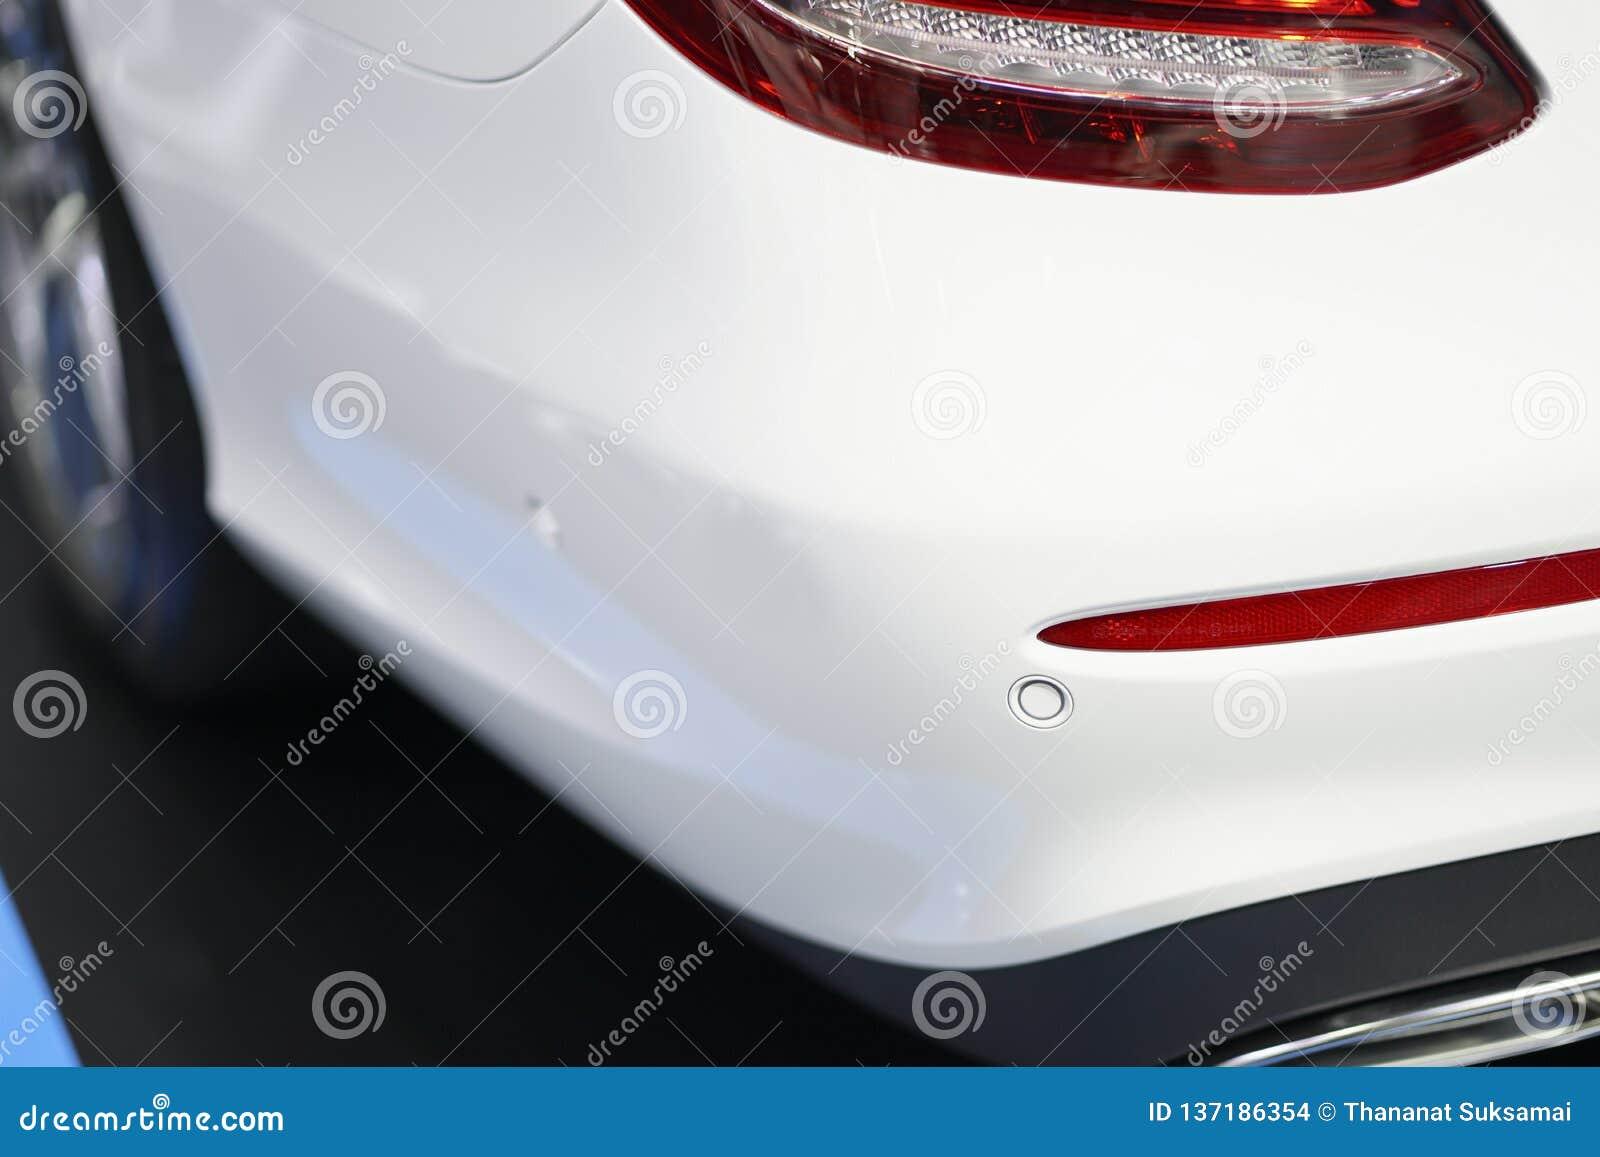 Tylni parking czujnik na samochodzie